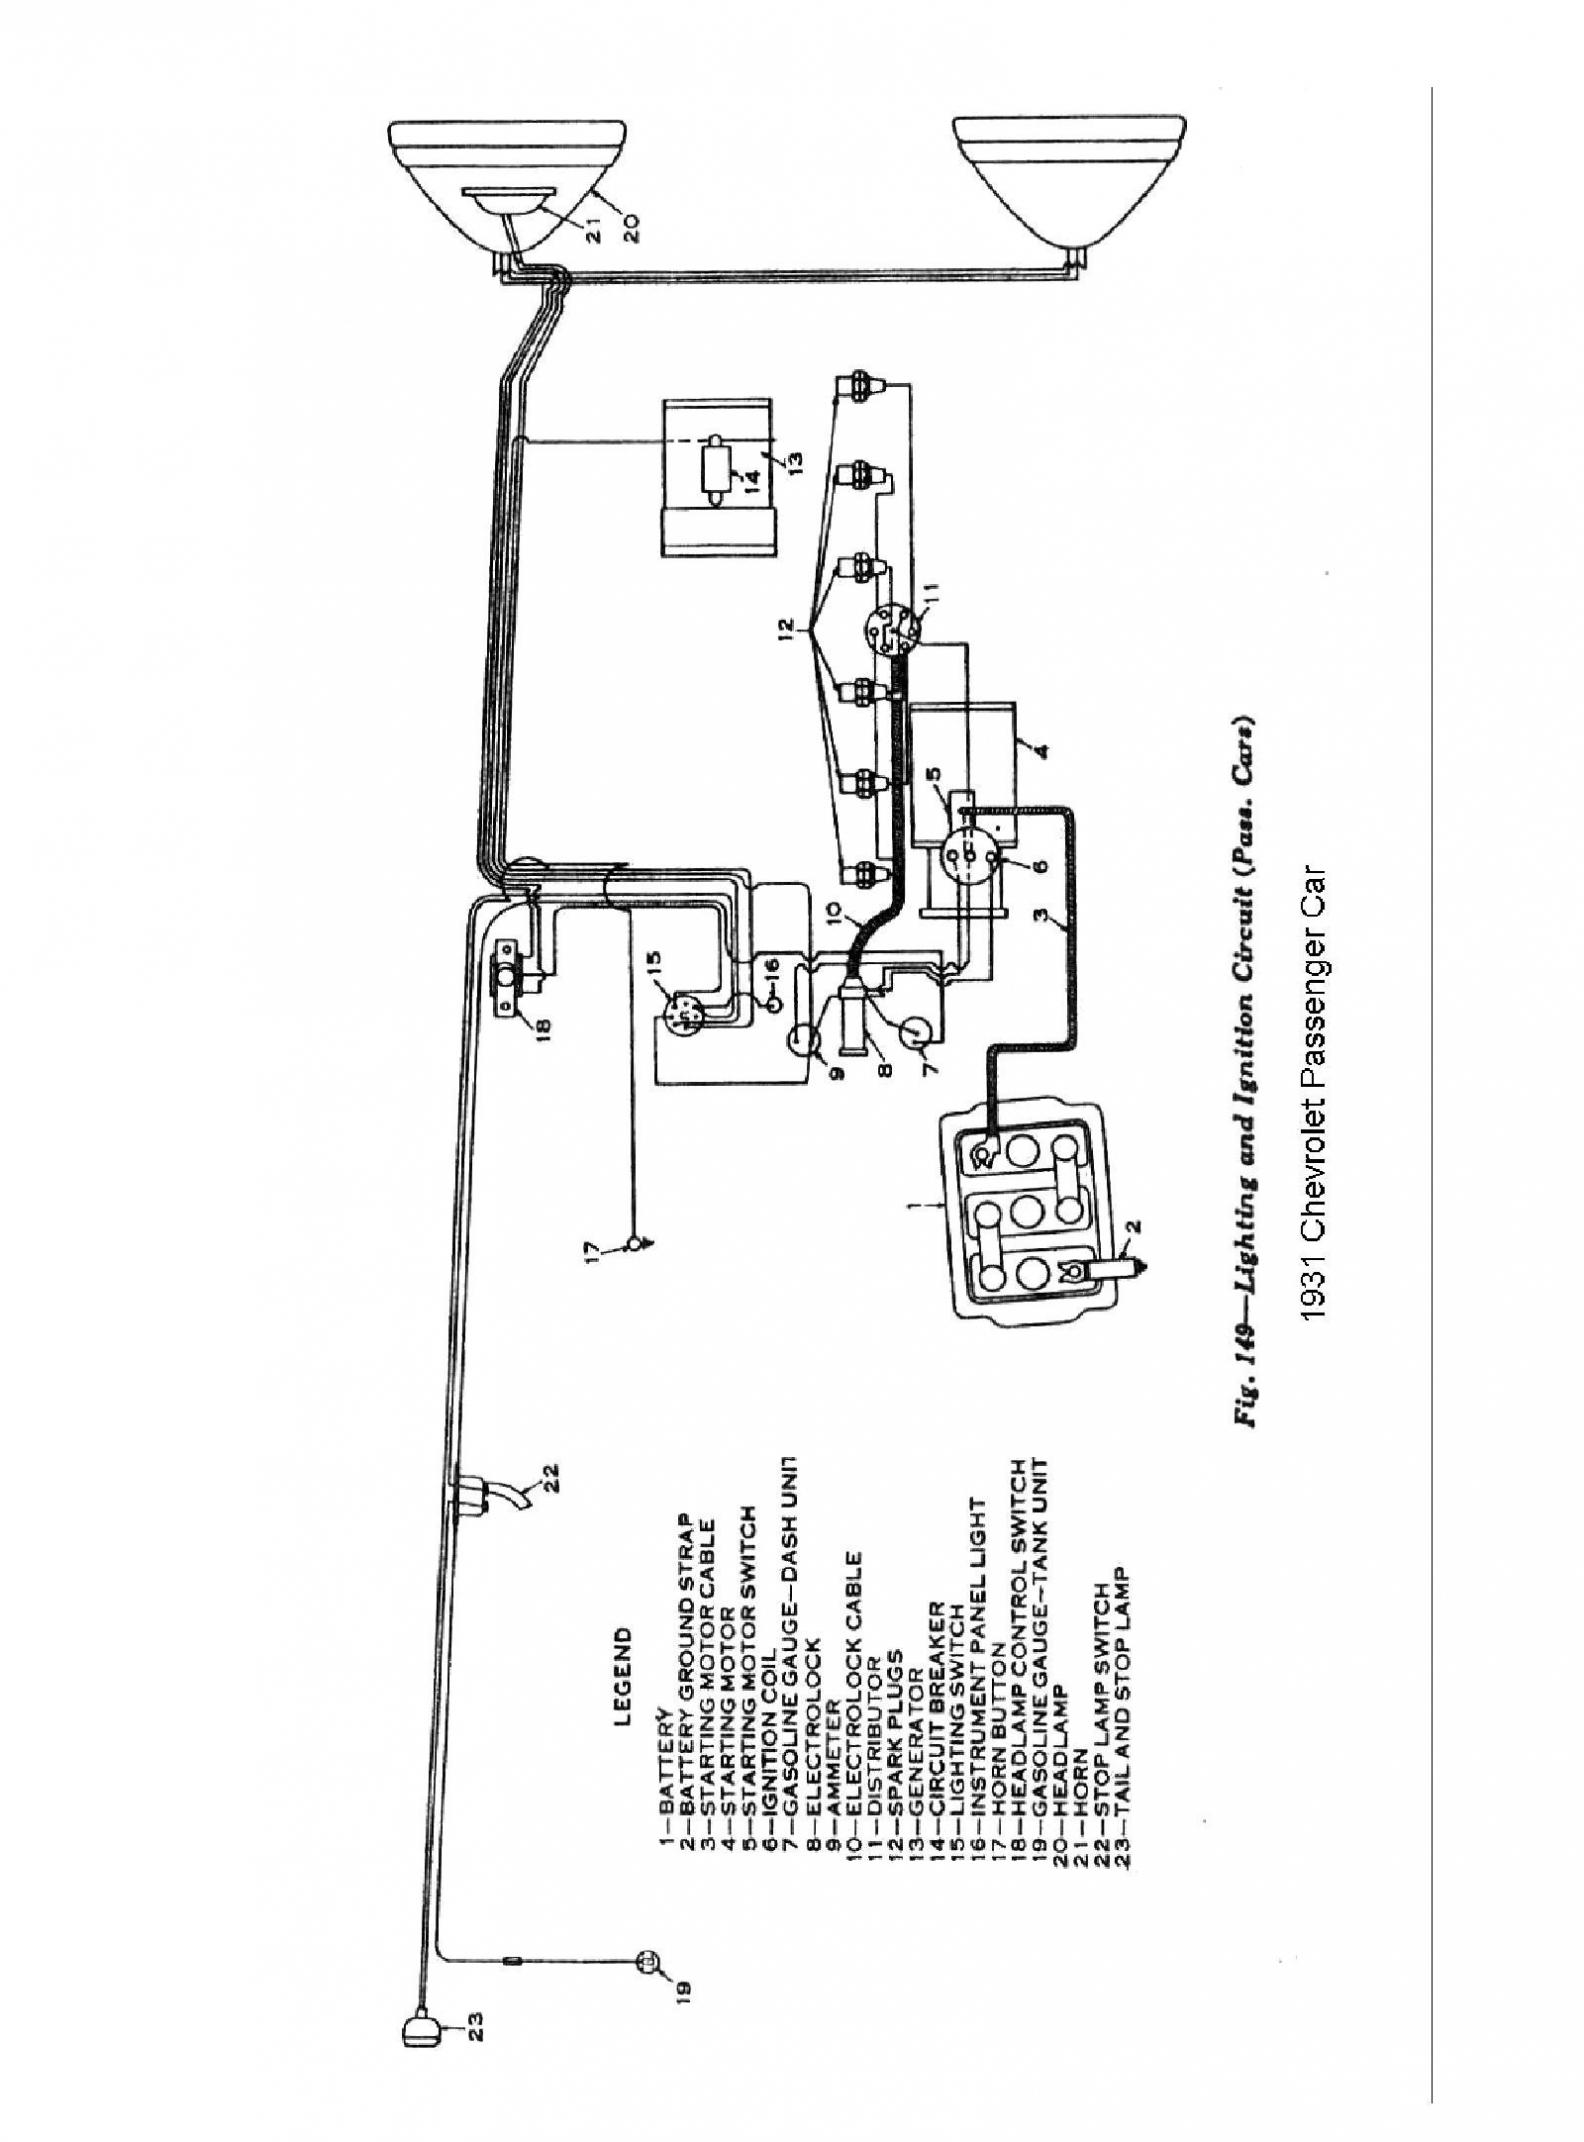 Onan 4Kw Generator Wiring Diagram | Wiring Diagram - Onan Rv Generator Wiring Diagram